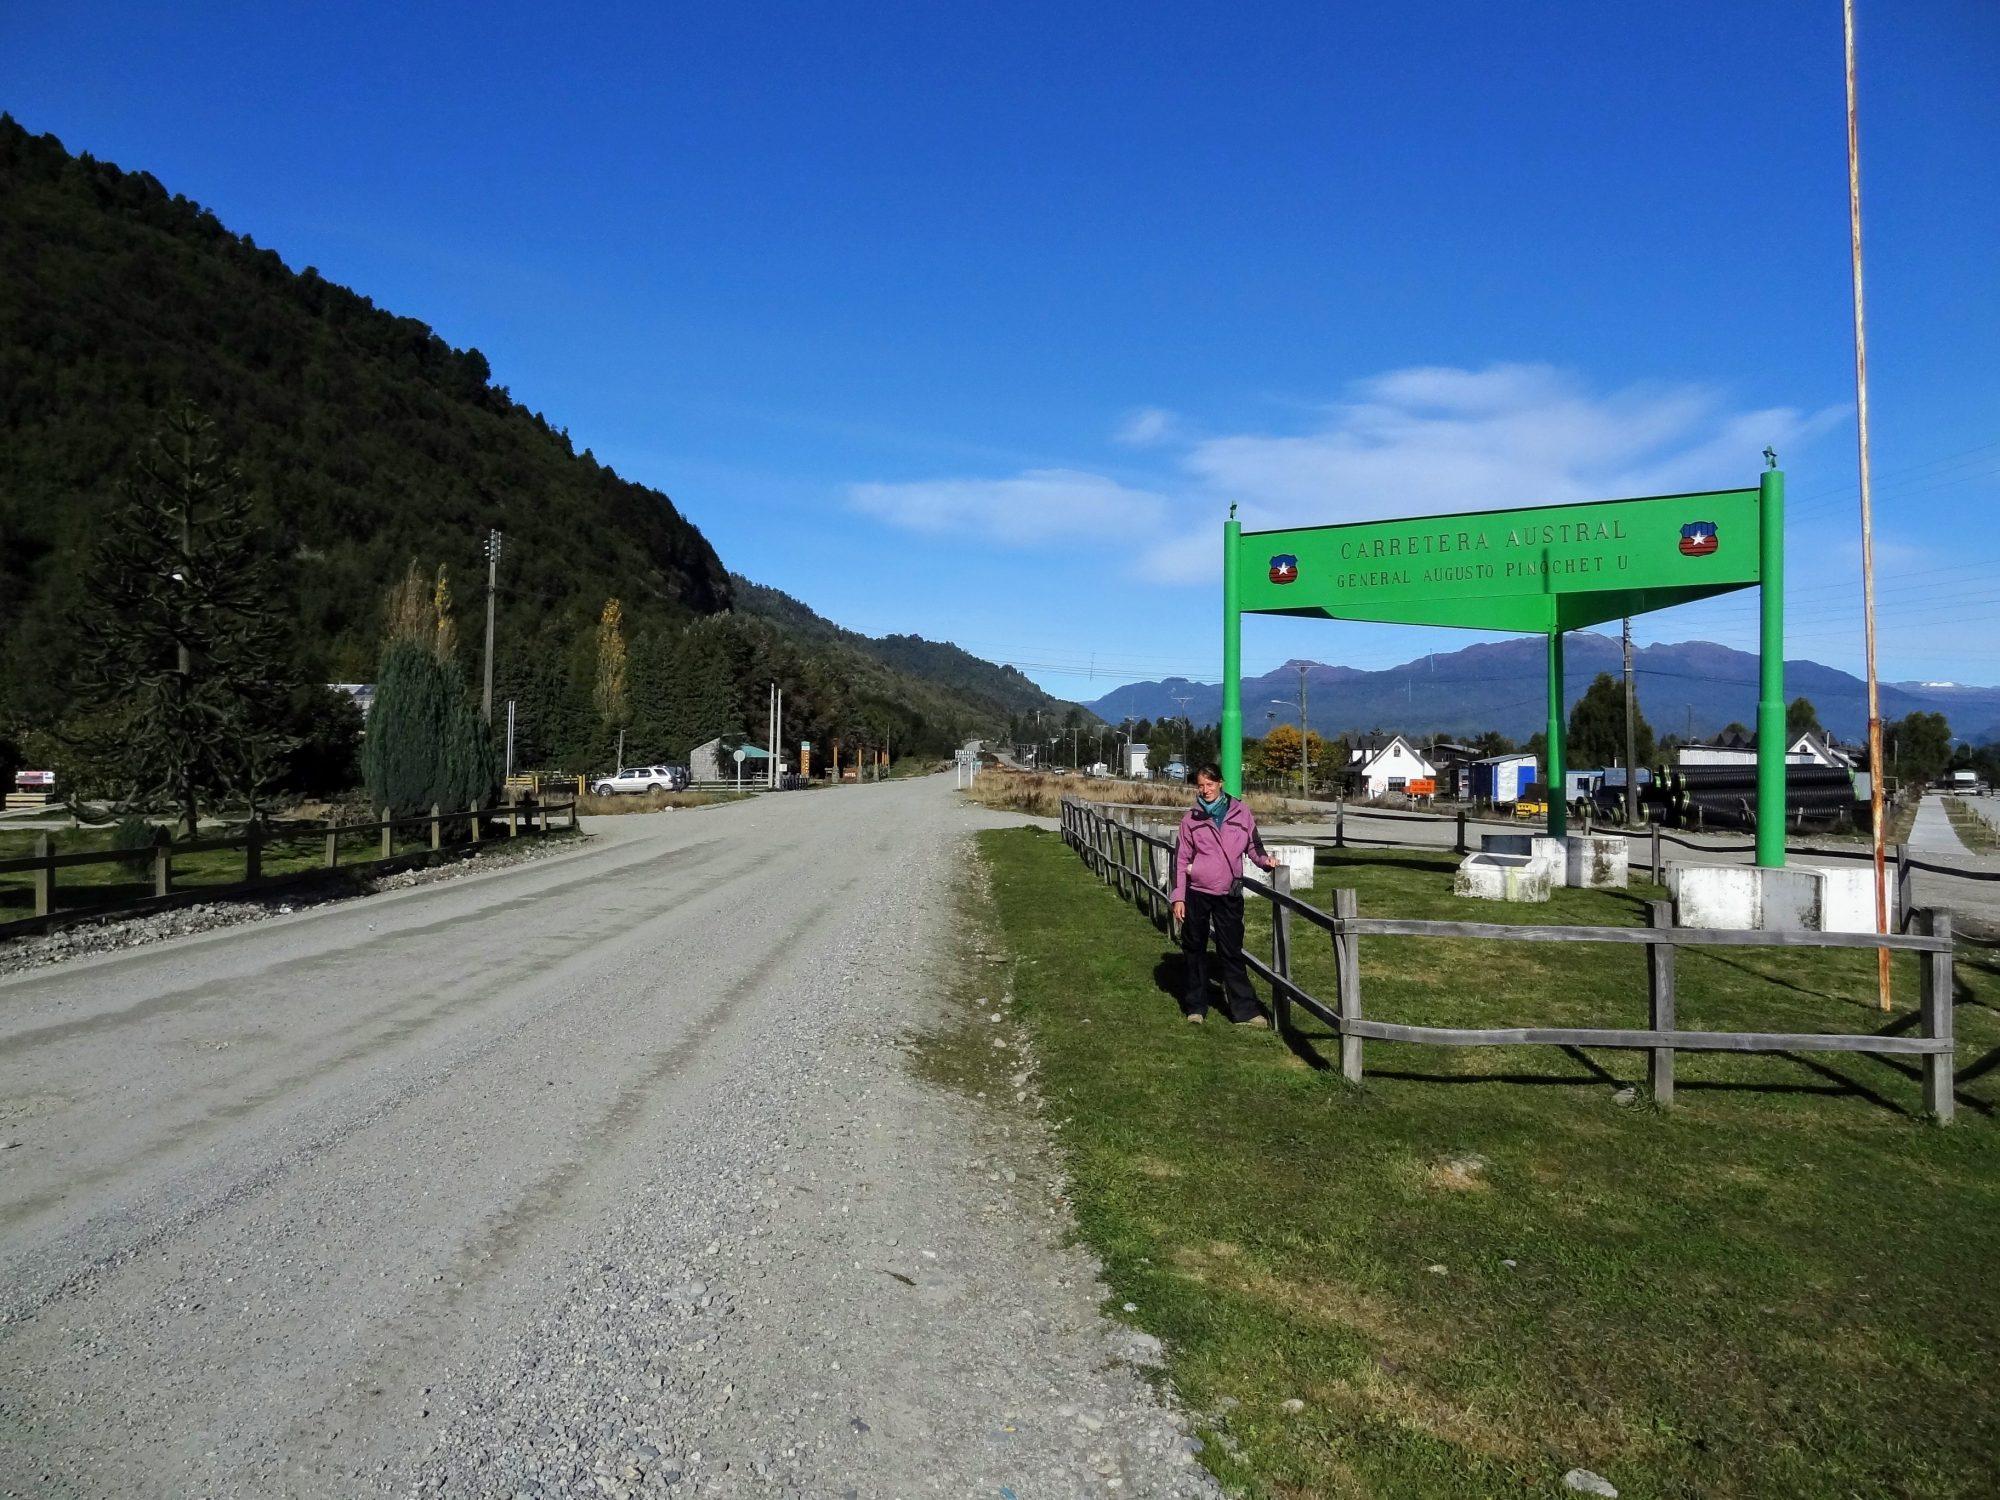 Chili - Carretera Austral - Norte